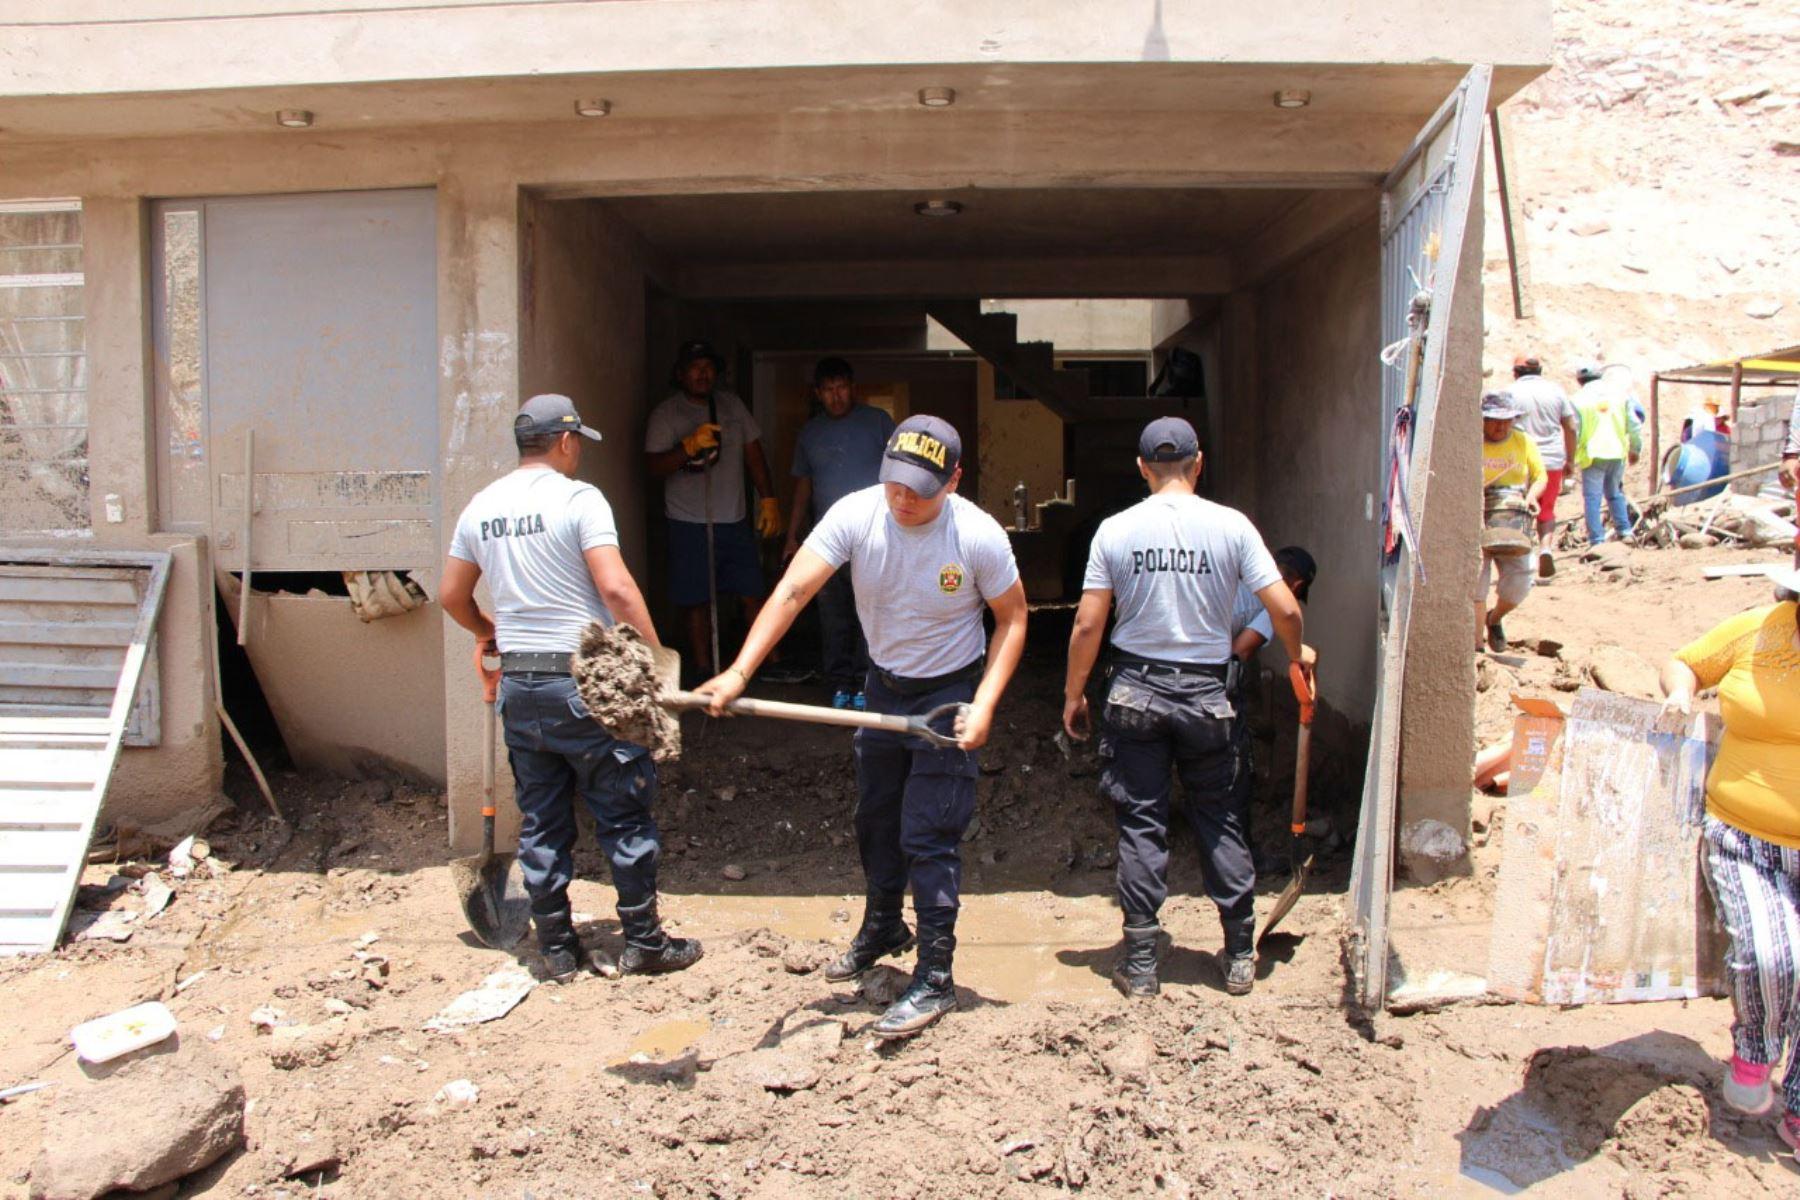 Policia del Peru, Ejercito del Peru  y obreros municipales trabajan en la remoción de escombros en las zonas afectadas por el huaico, en Tacna. Foto: Minagri